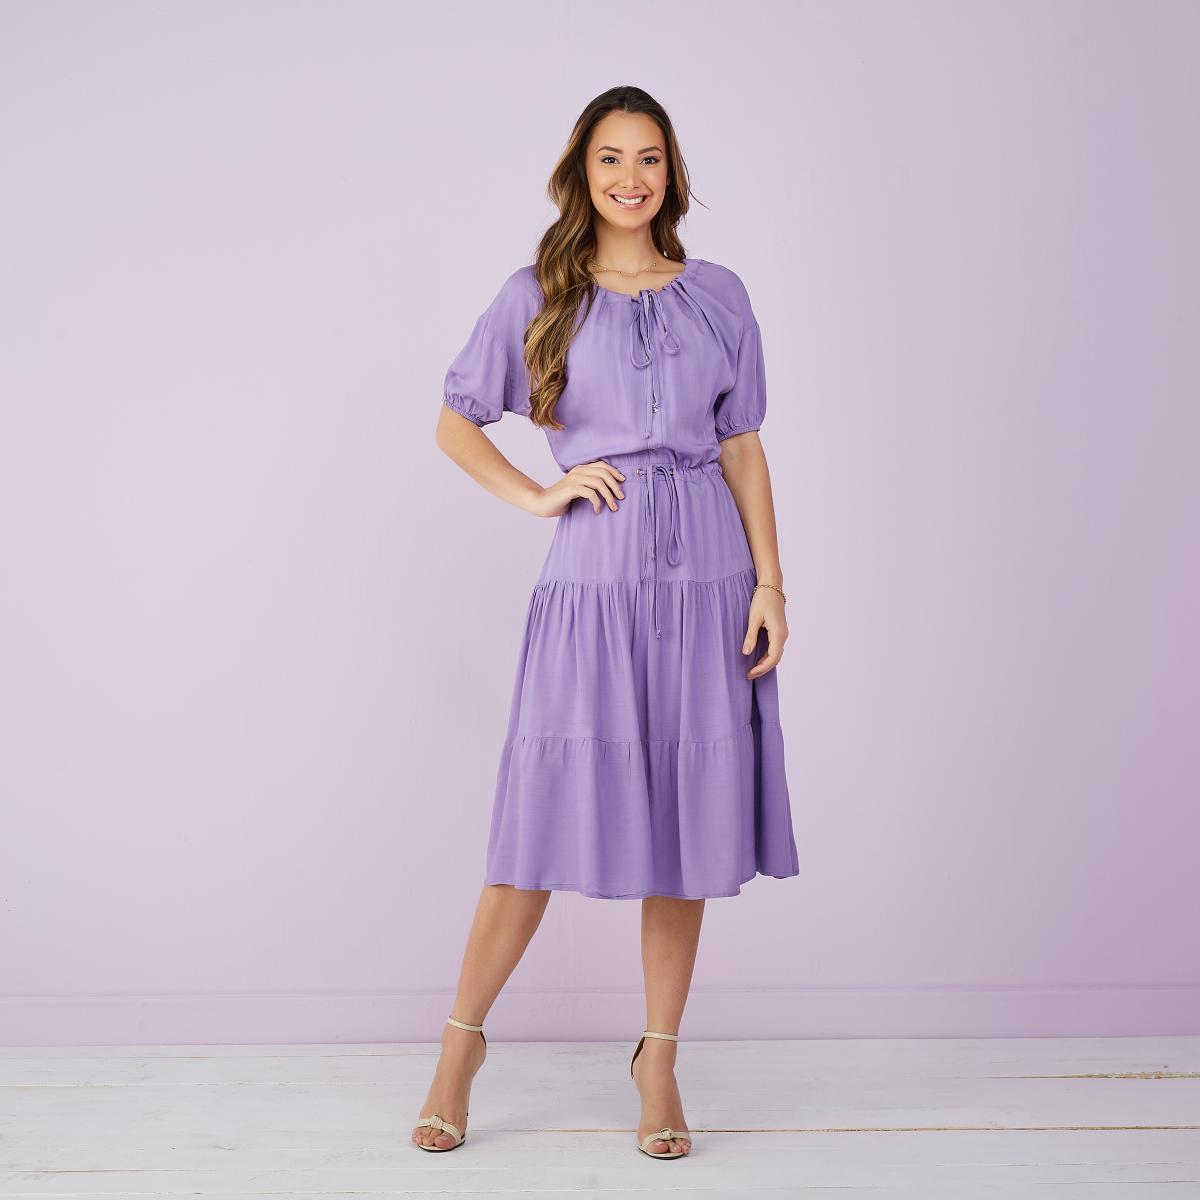 Vestido Jasmim Viscolinho 2 Marias, Moda Evangélica - Tatá Martello